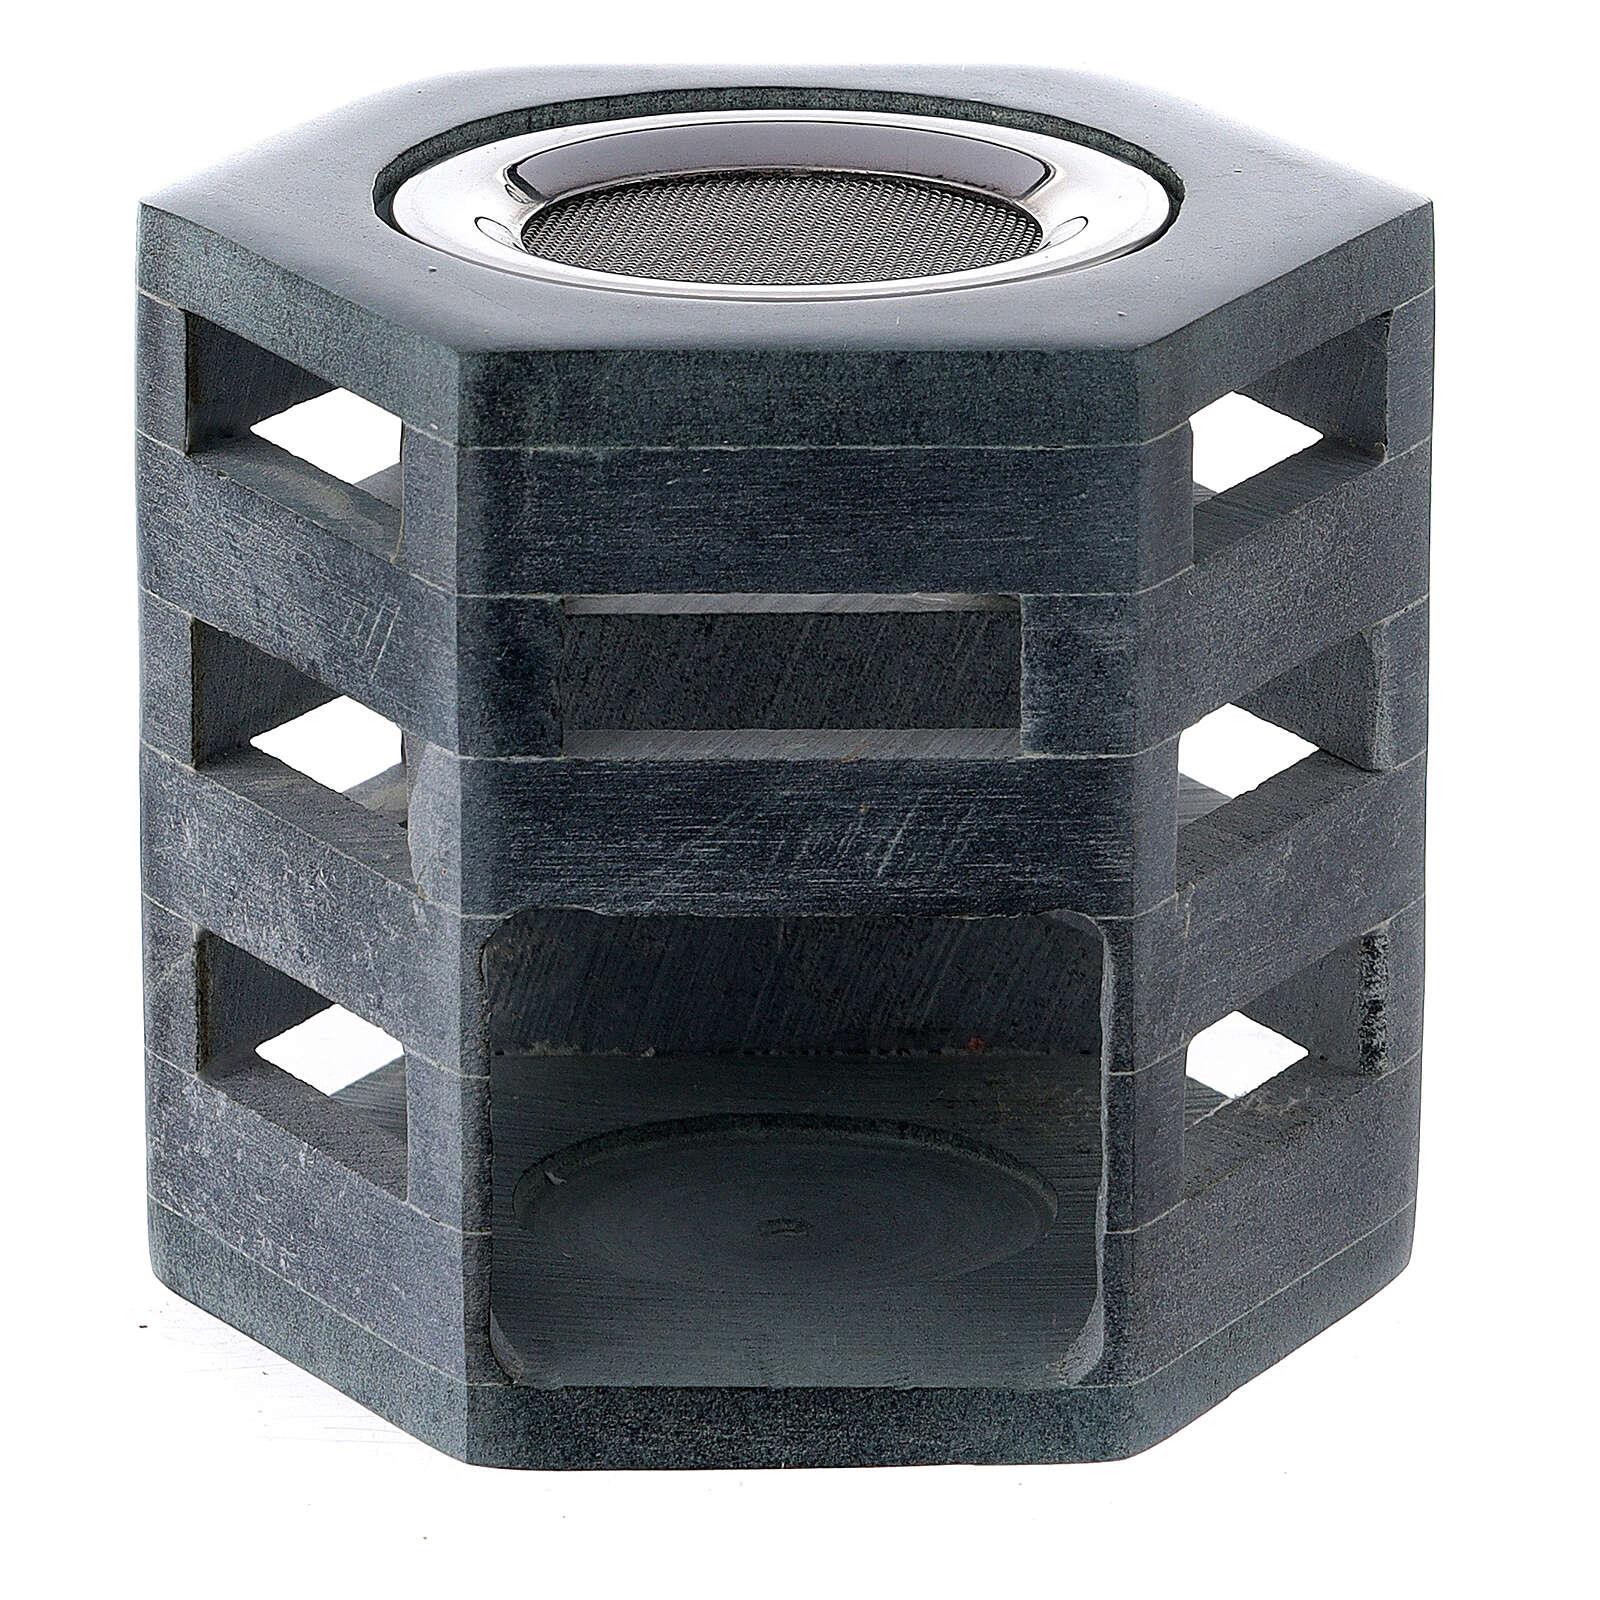 Hexagonal incense burner in soapstone 3